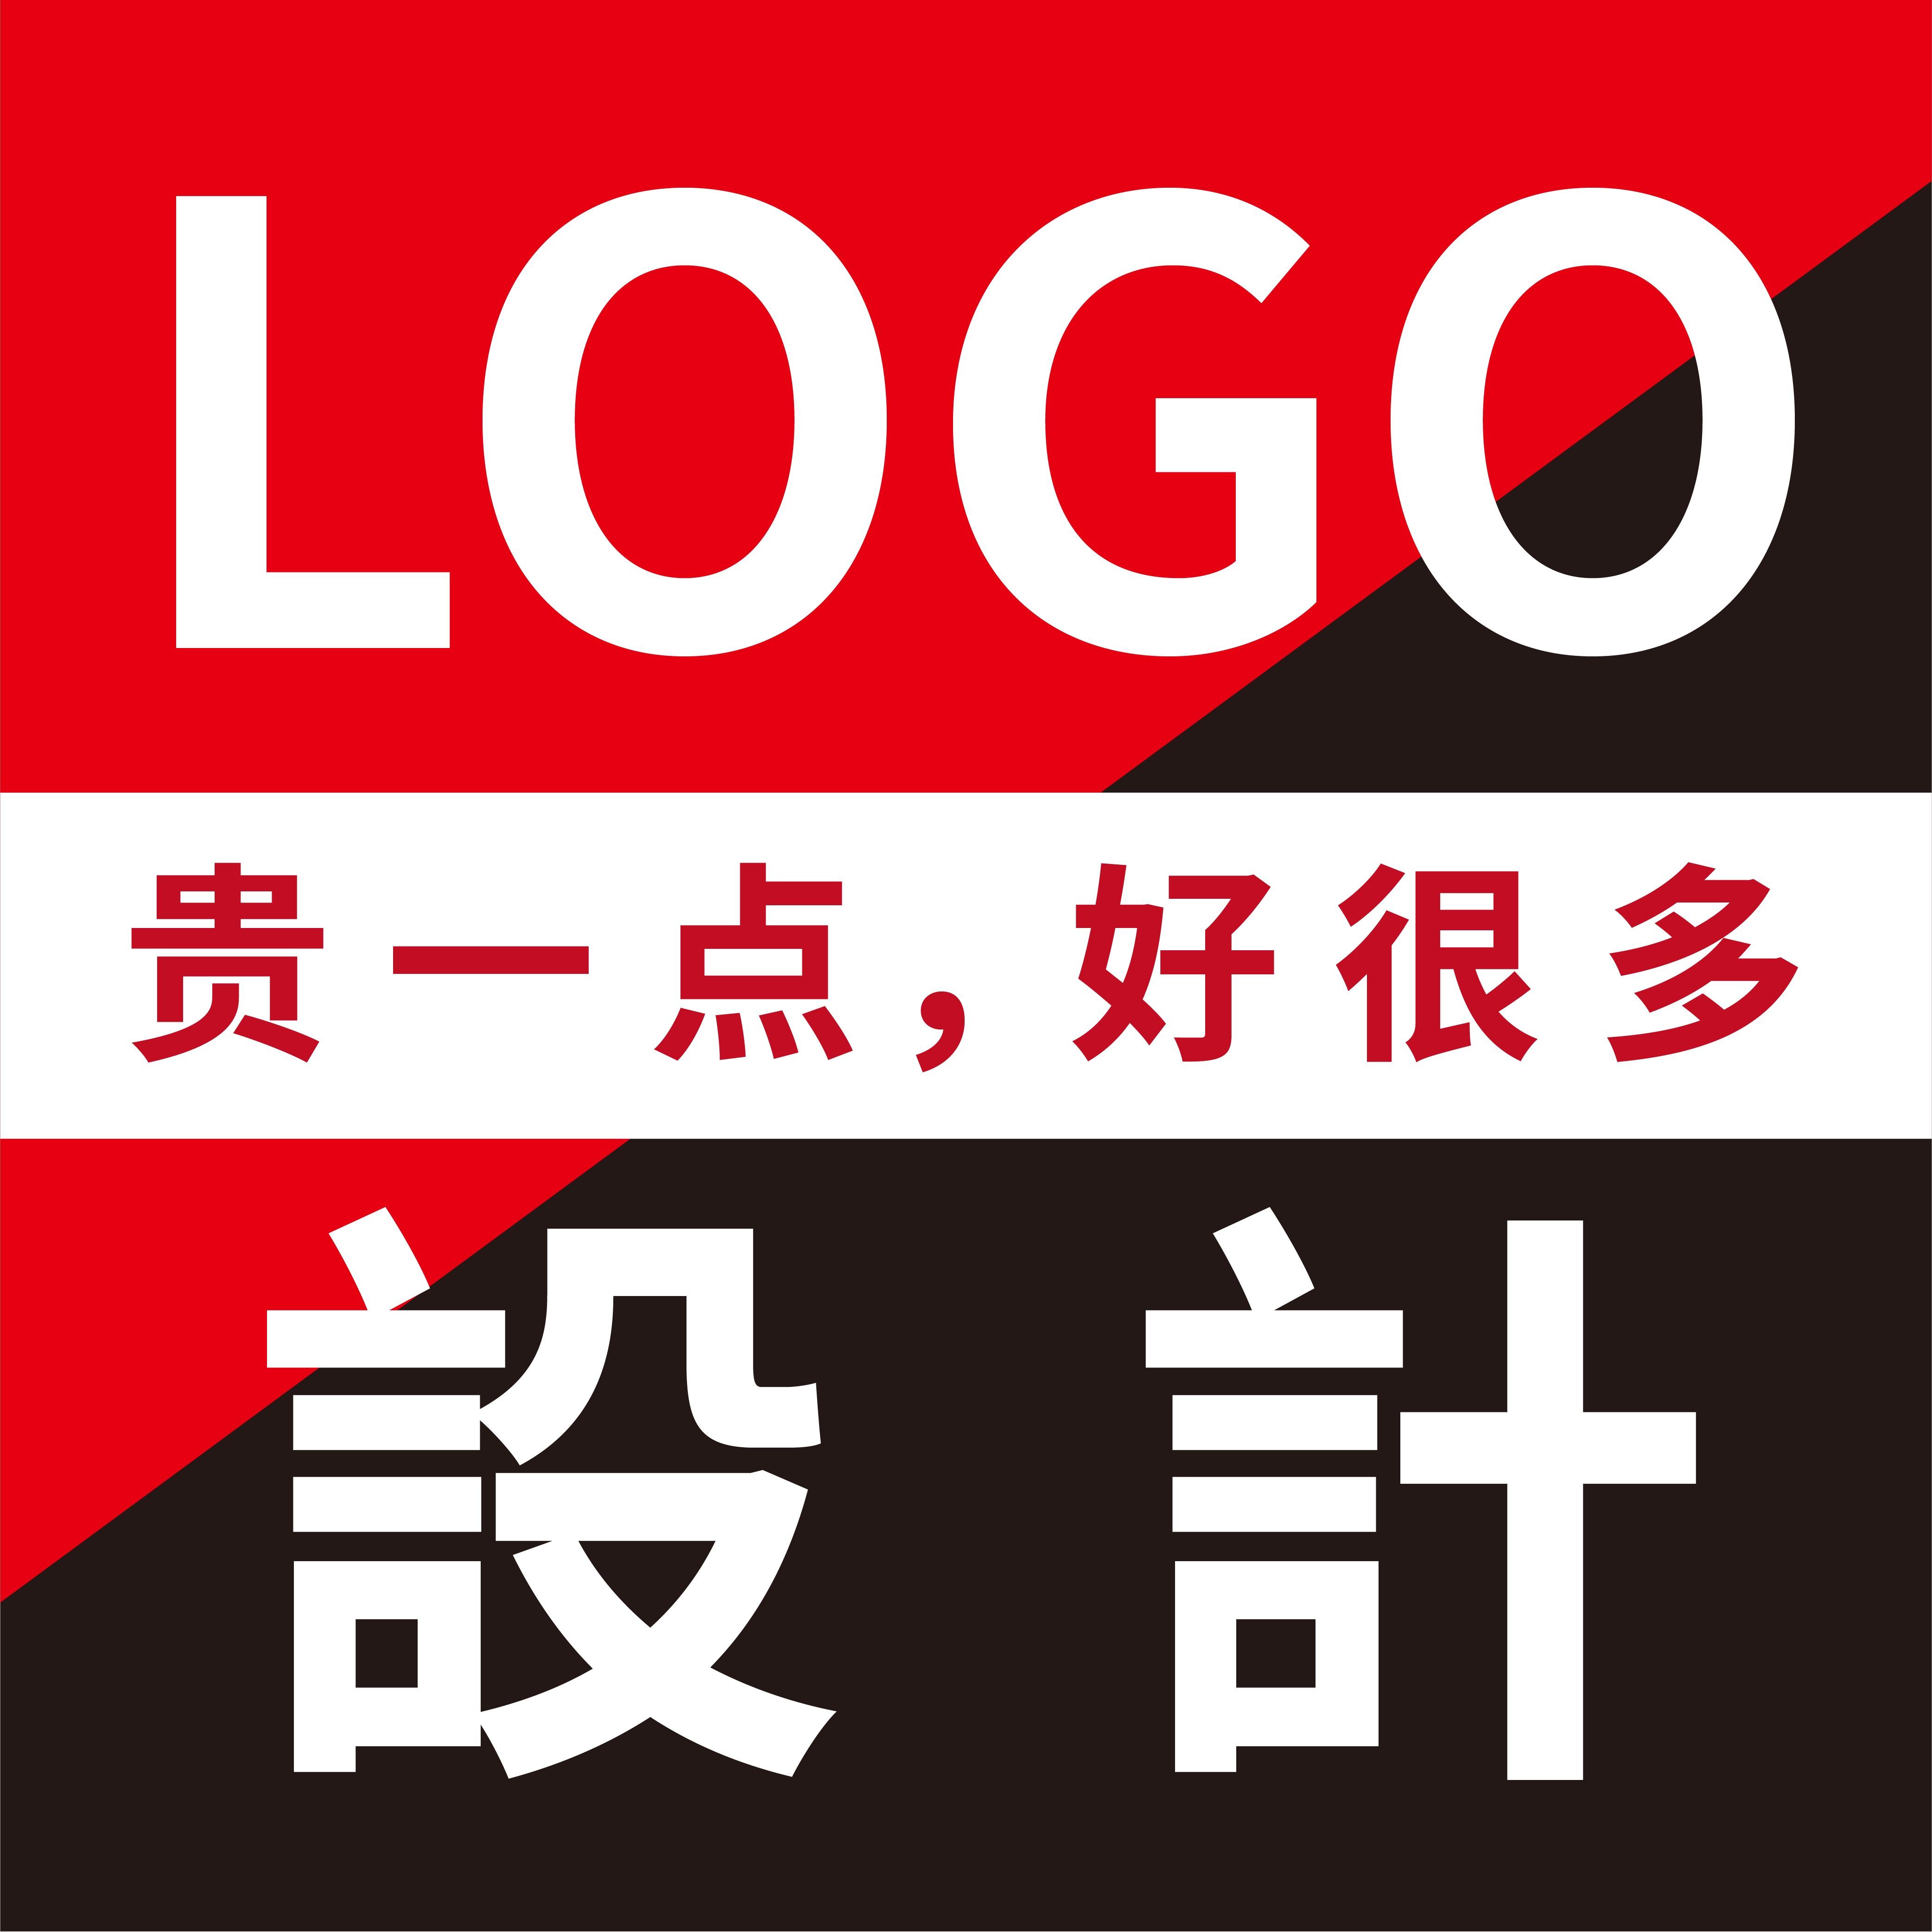 企业公司品牌logo设计图文标志商标图标LOGO